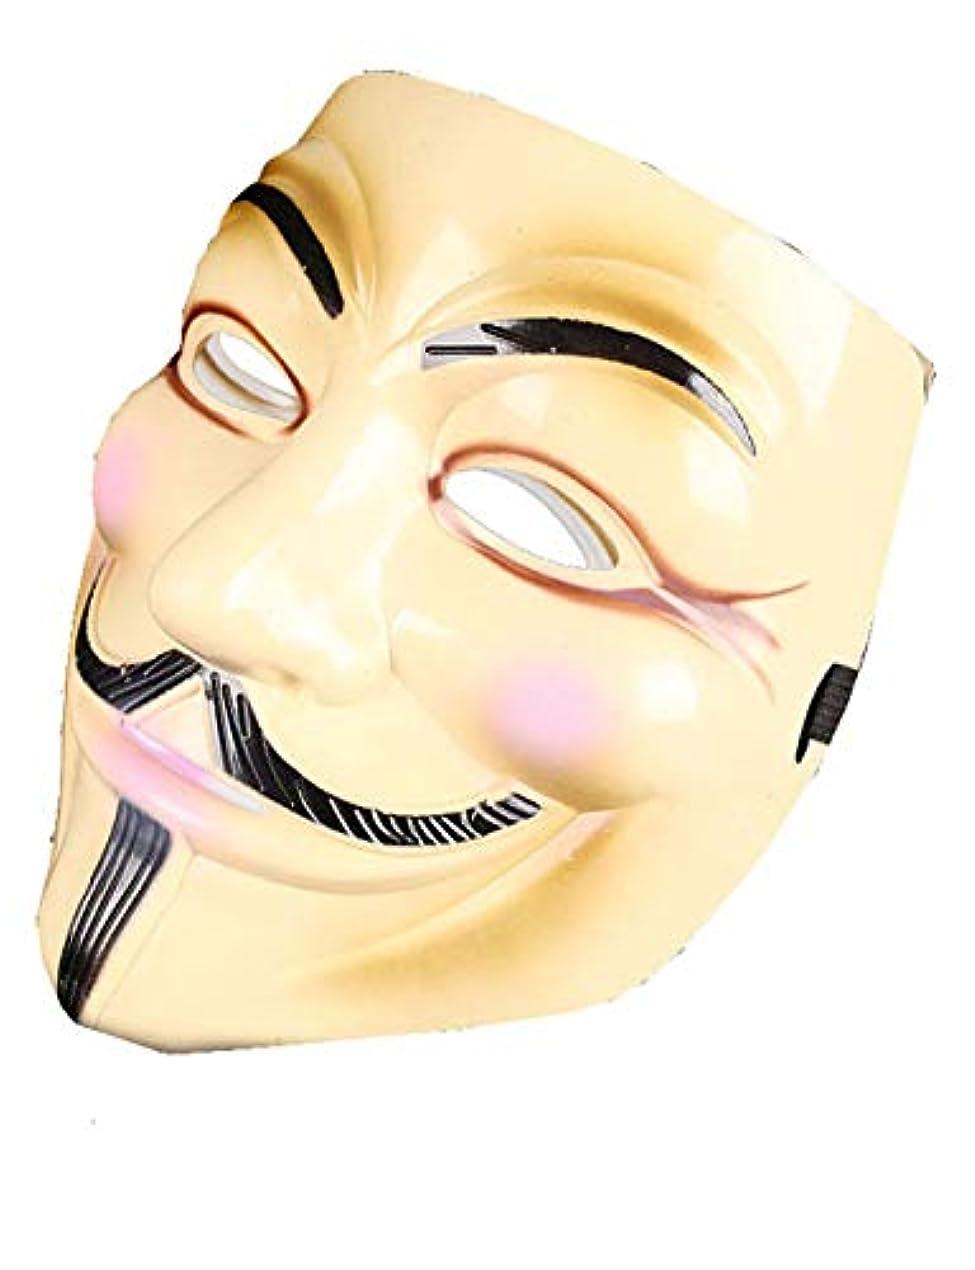 圧縮する手どこでもハロウィーンマスクホラーコスチュームパーティーコスプレの小道具、VendettaのV (Color : BRASS)